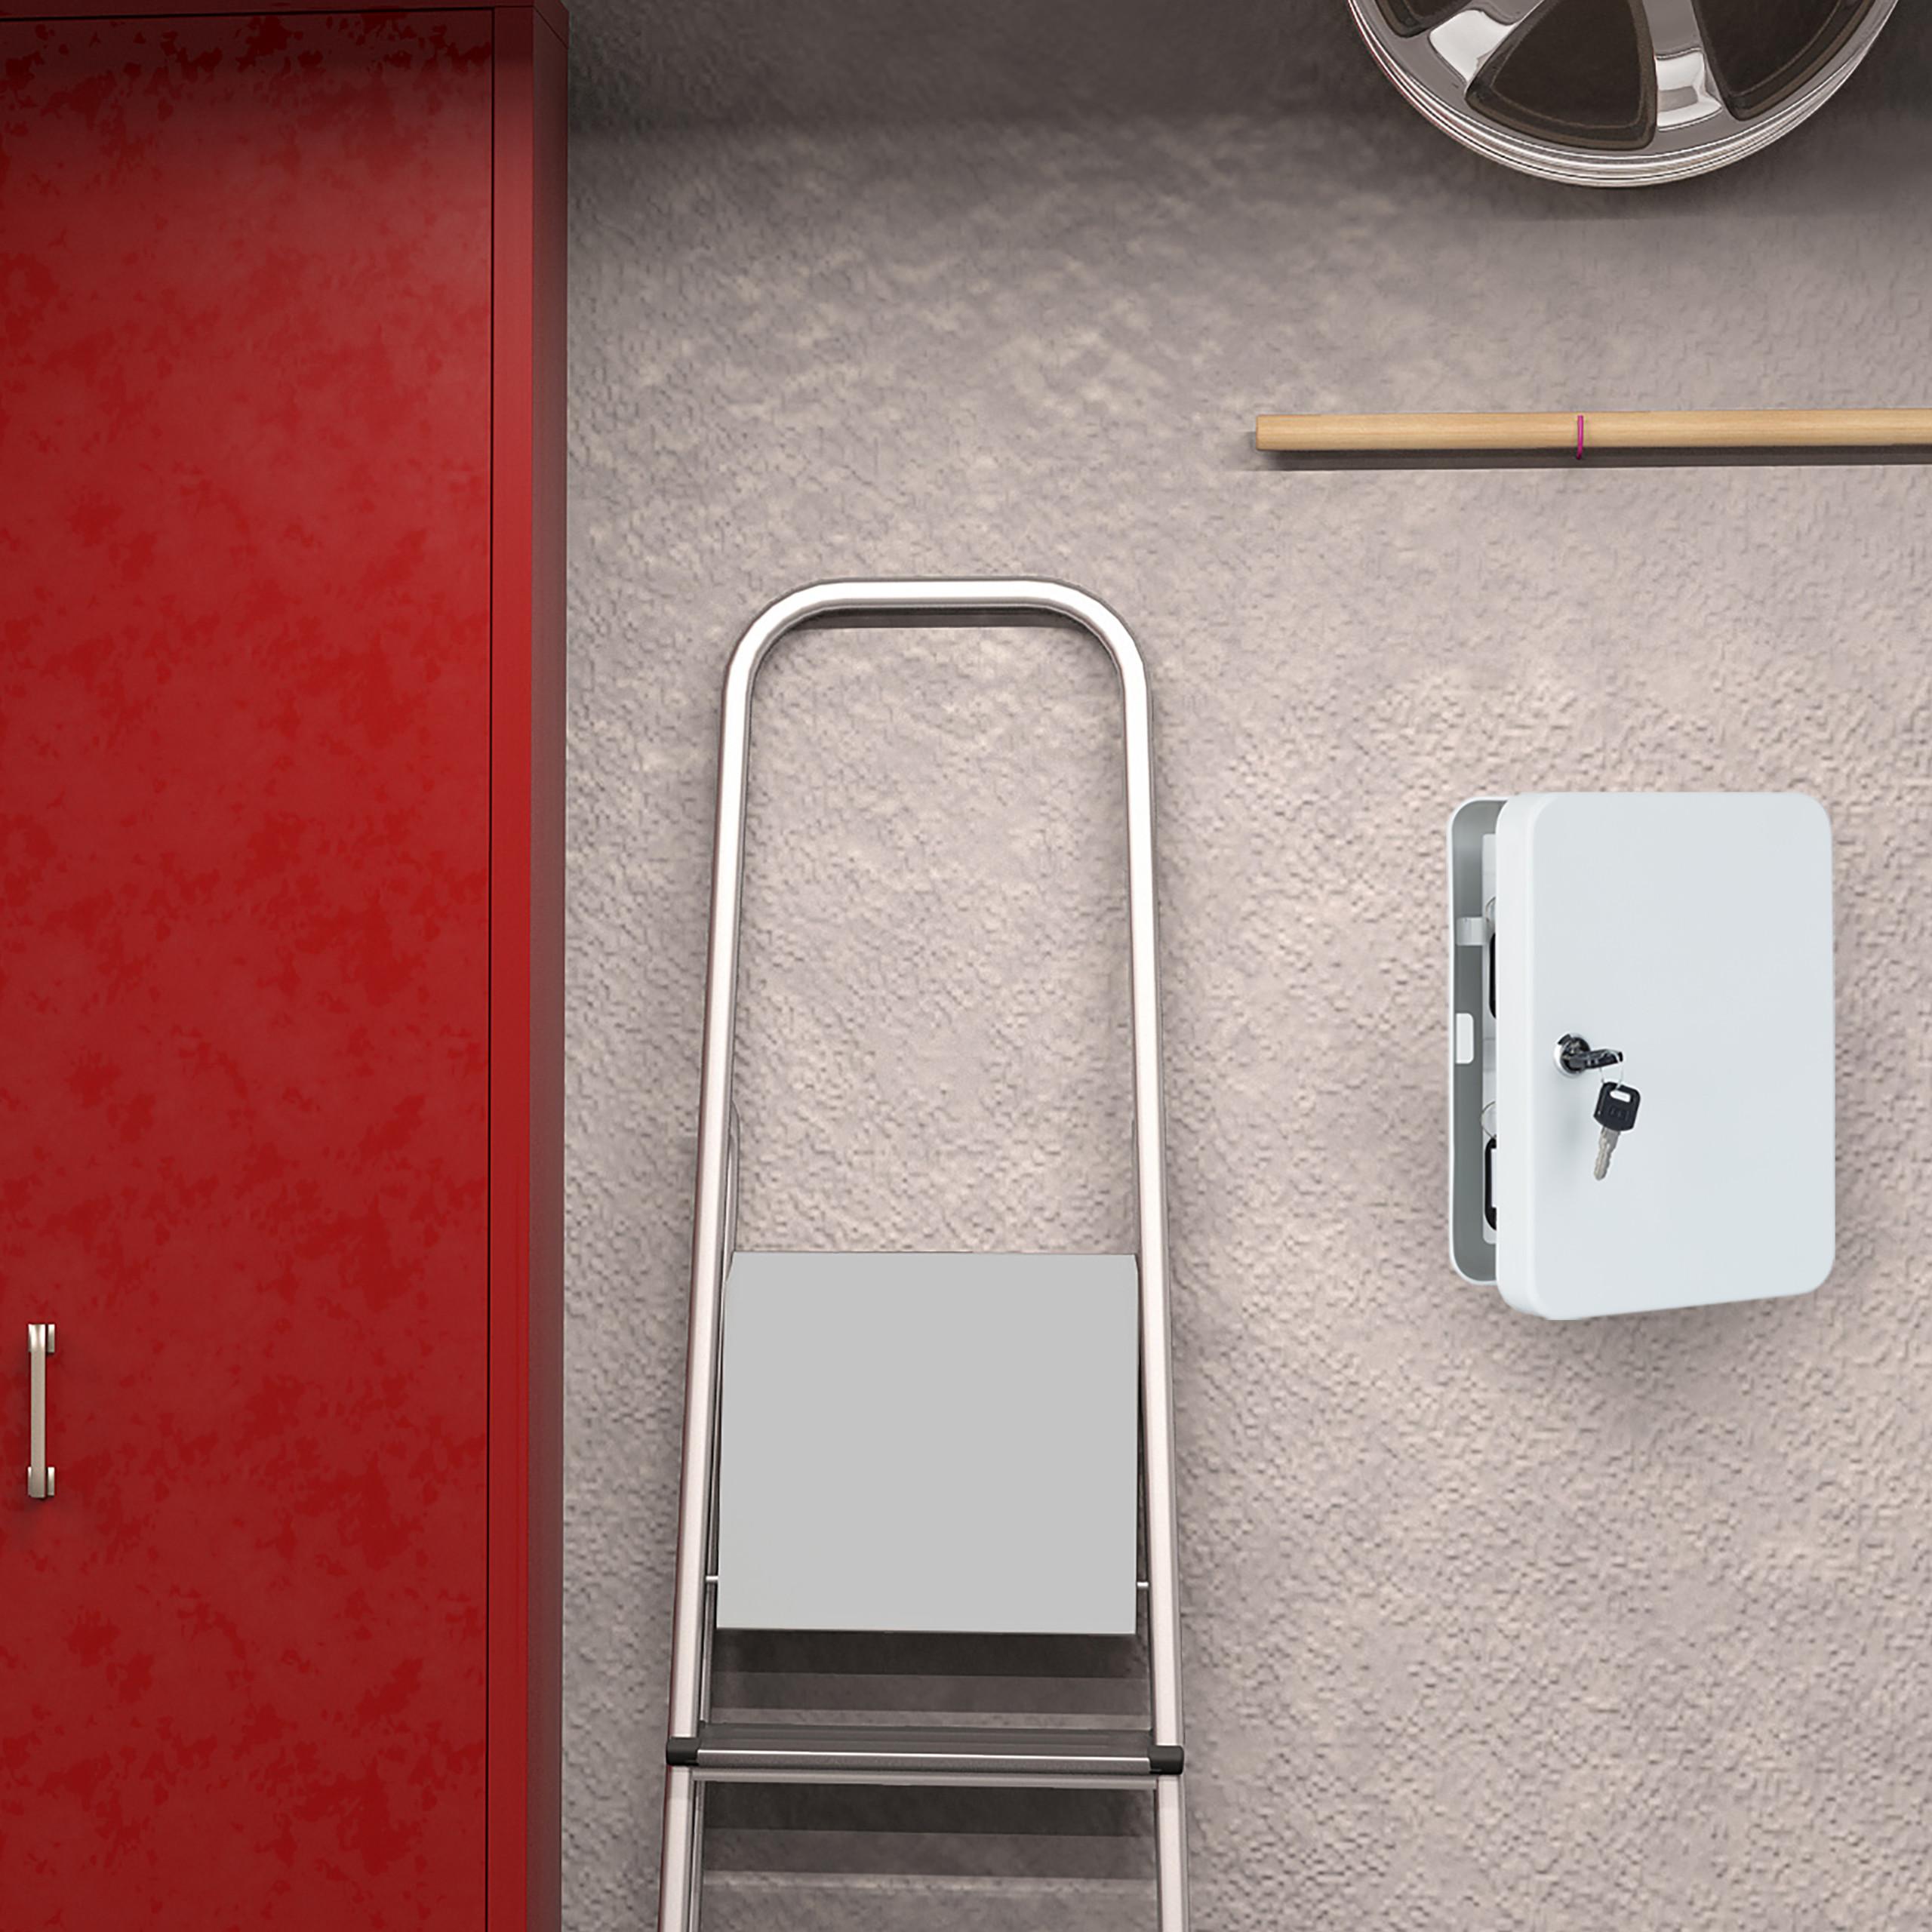 Boite-a-cles-armoire-a-clef-murale-rangement-48-crochets-fermant-a-cle-garage miniature 21